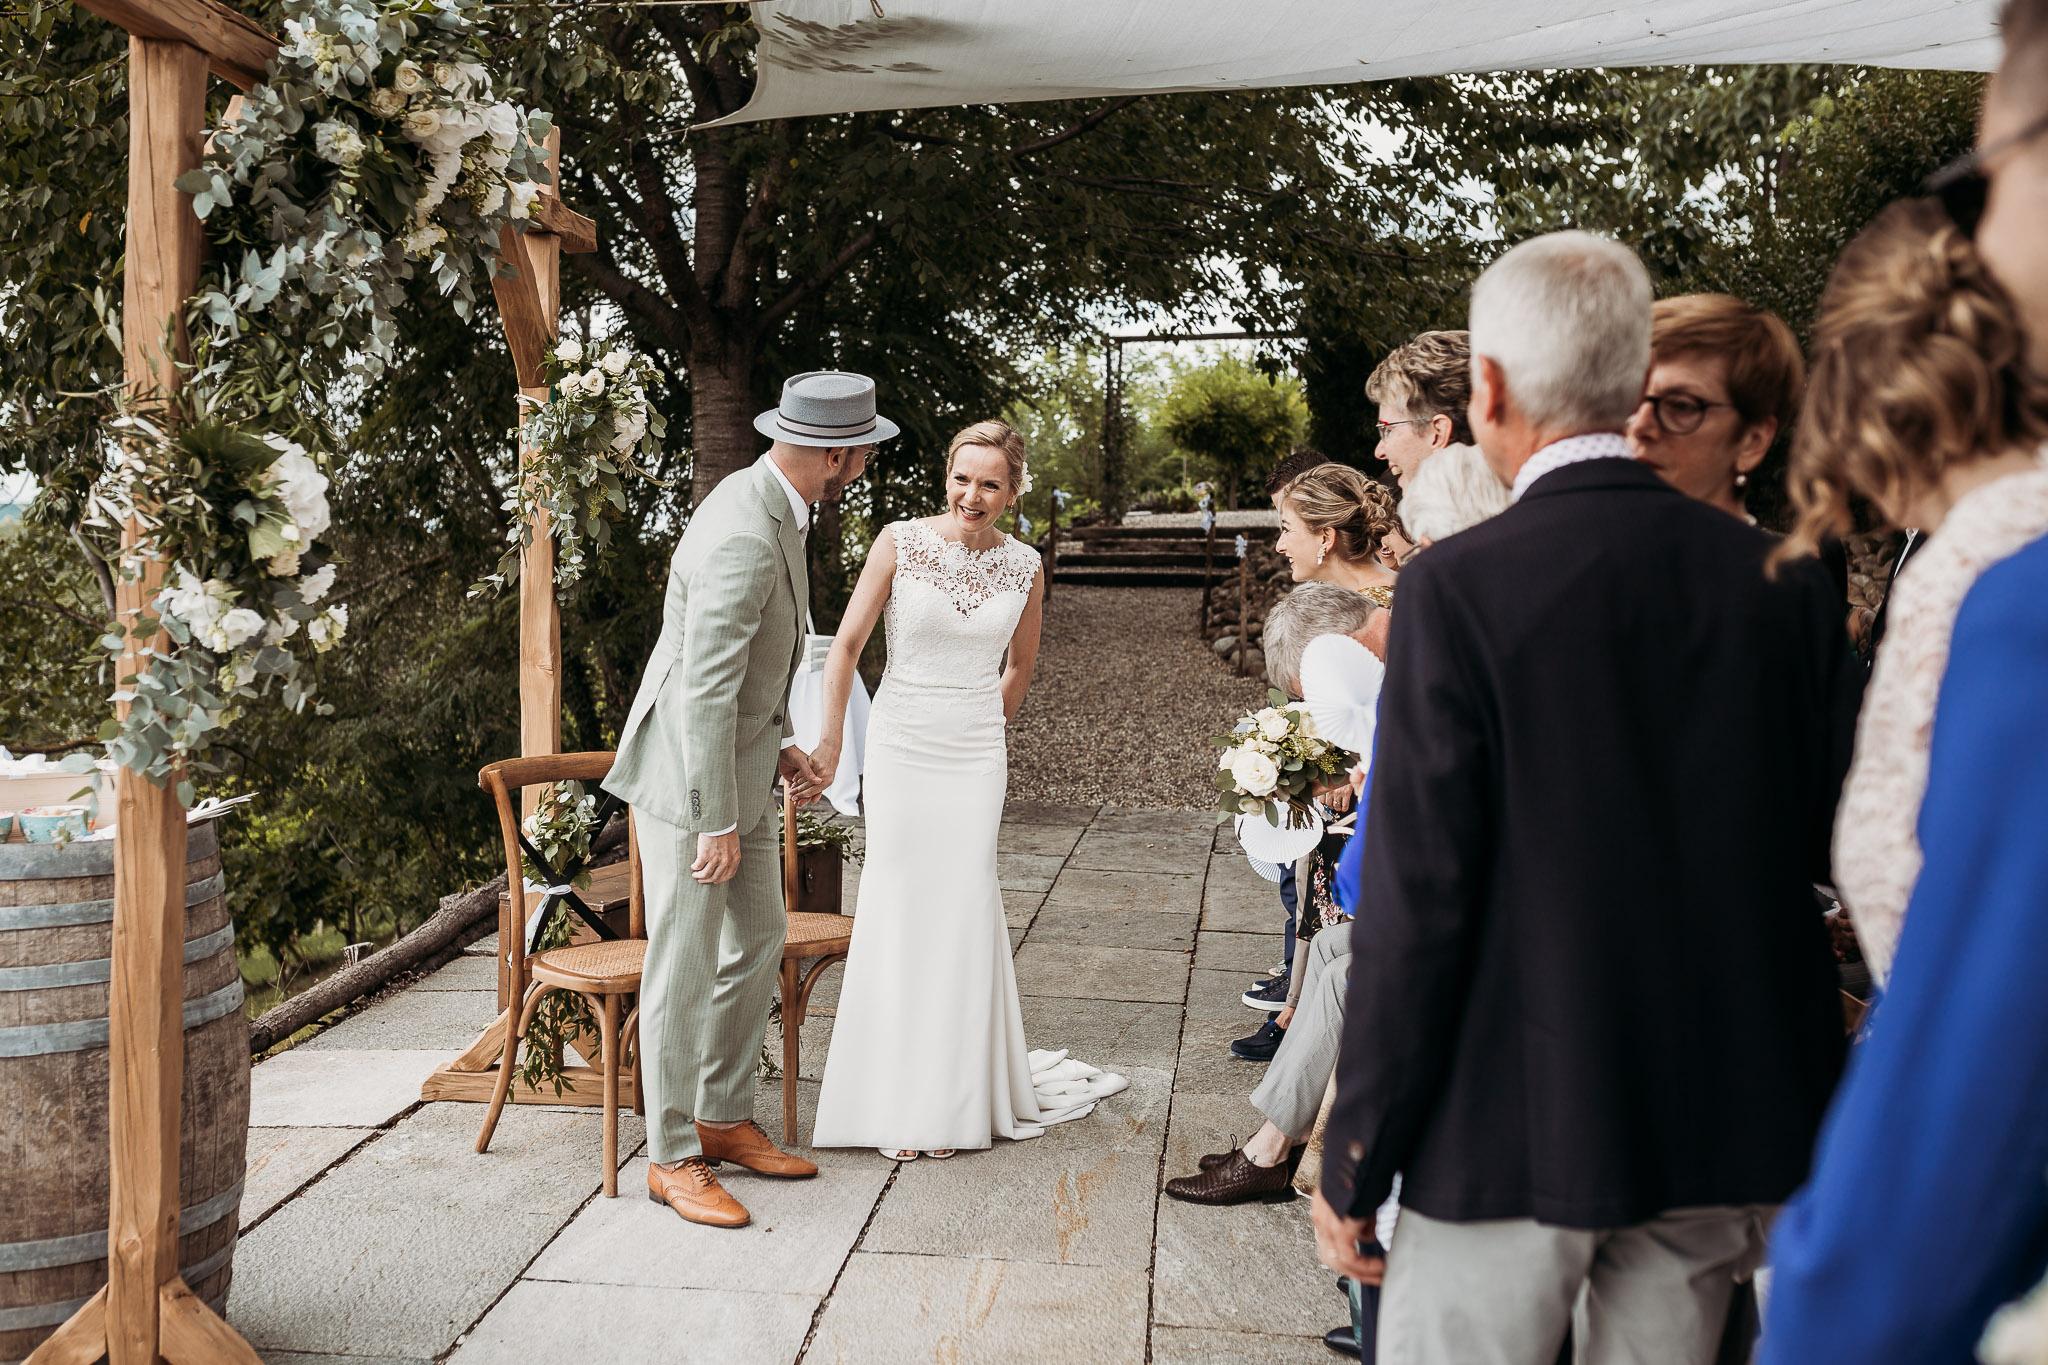 Wedding ceremony at La Villa Hotel, Mombaruzzo